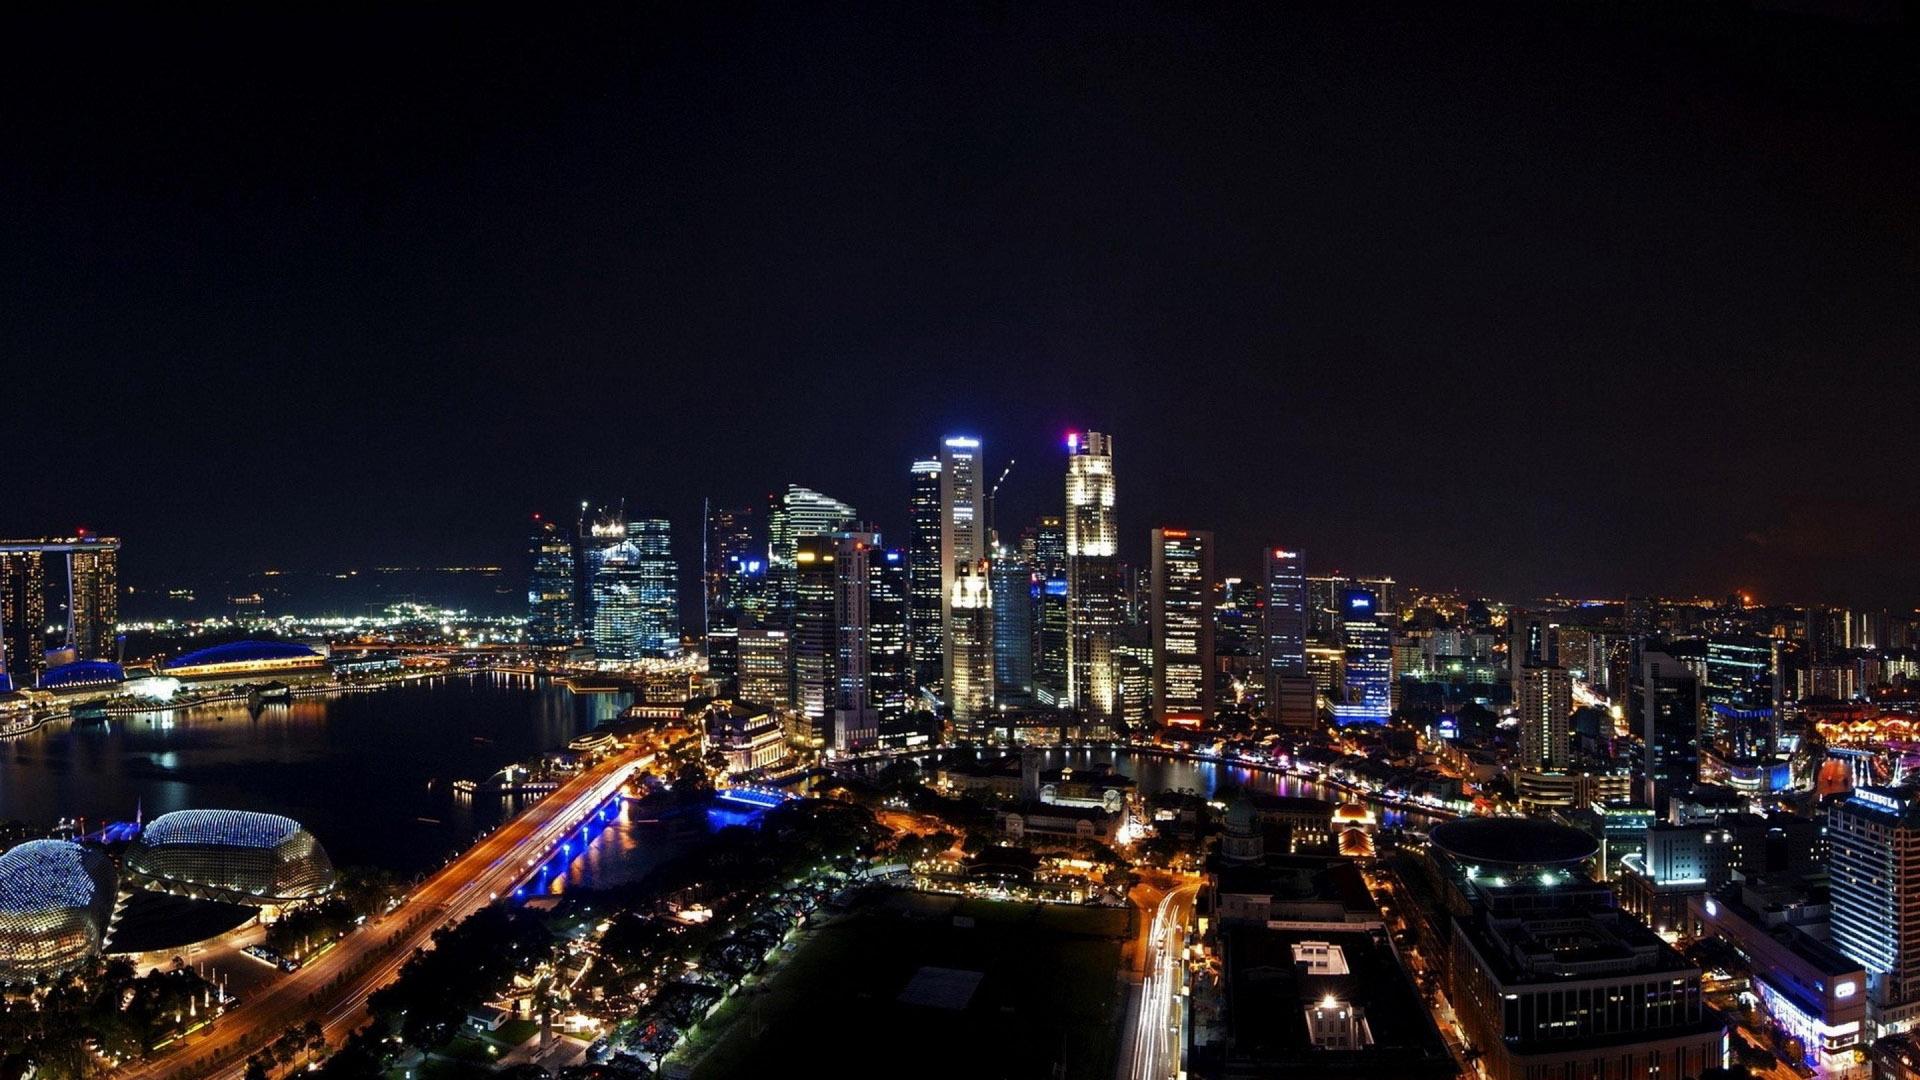 Красивые и удивительные картинки Города на рабочий стол - сборка №7 10